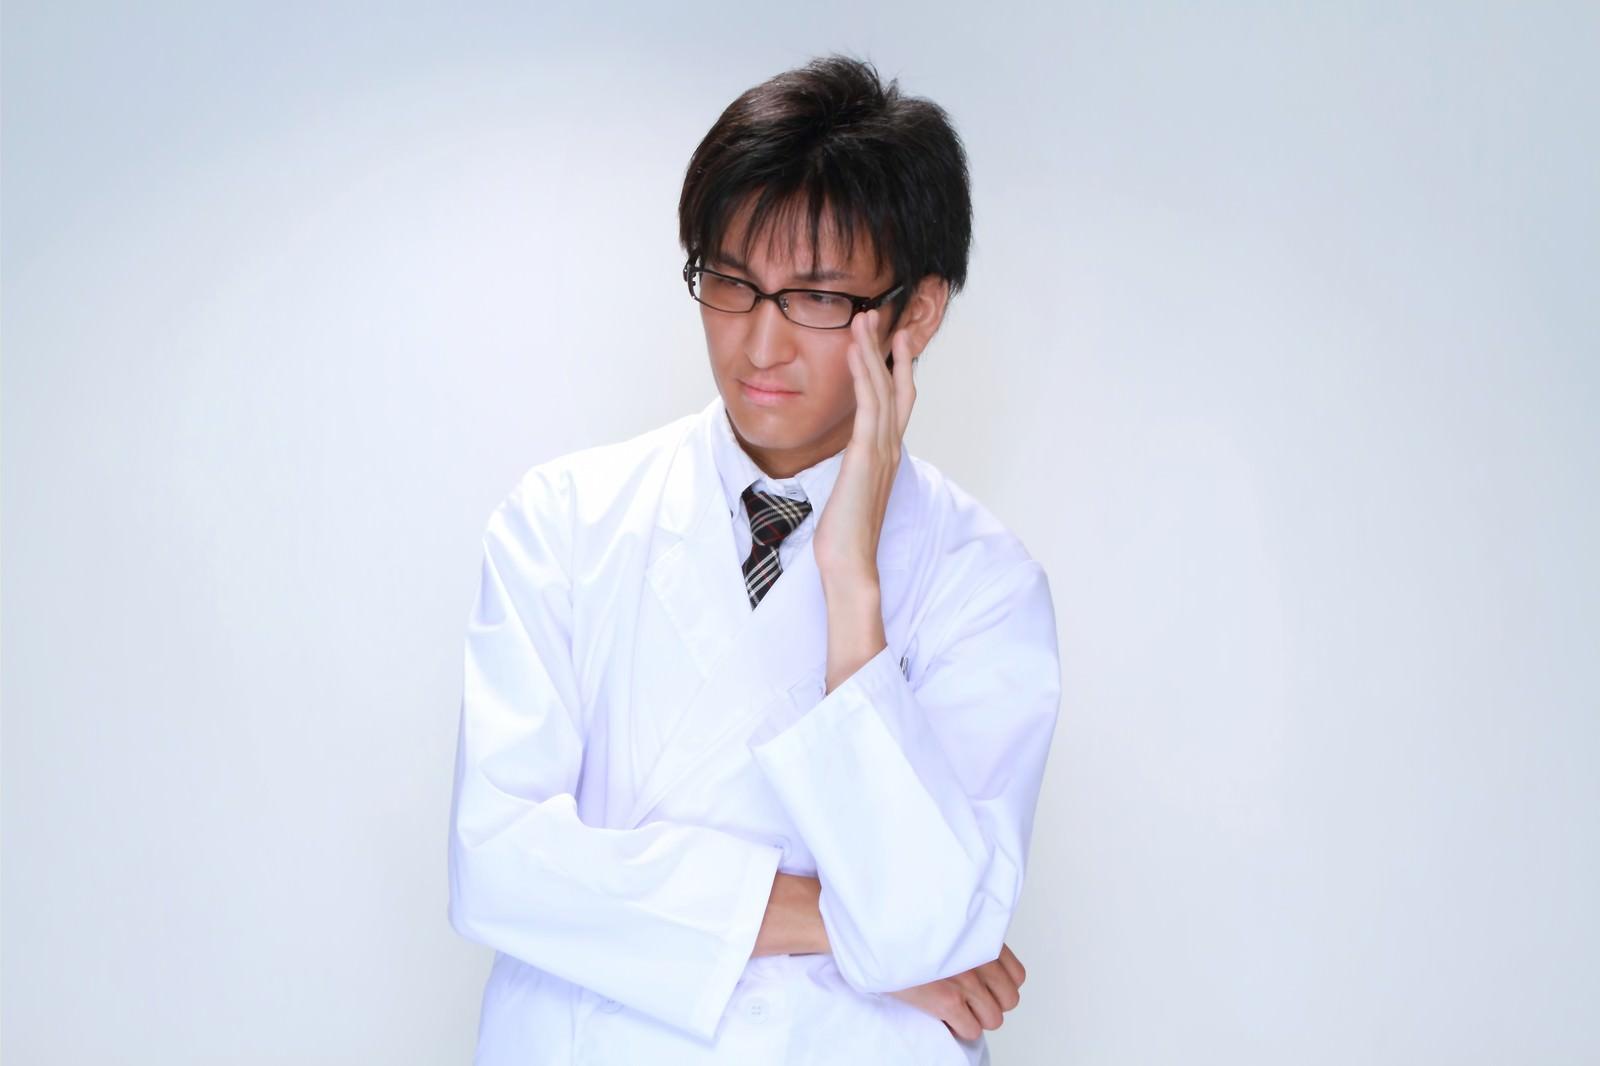 「メガネを直す白衣の男性」の写真[モデル:ACE]